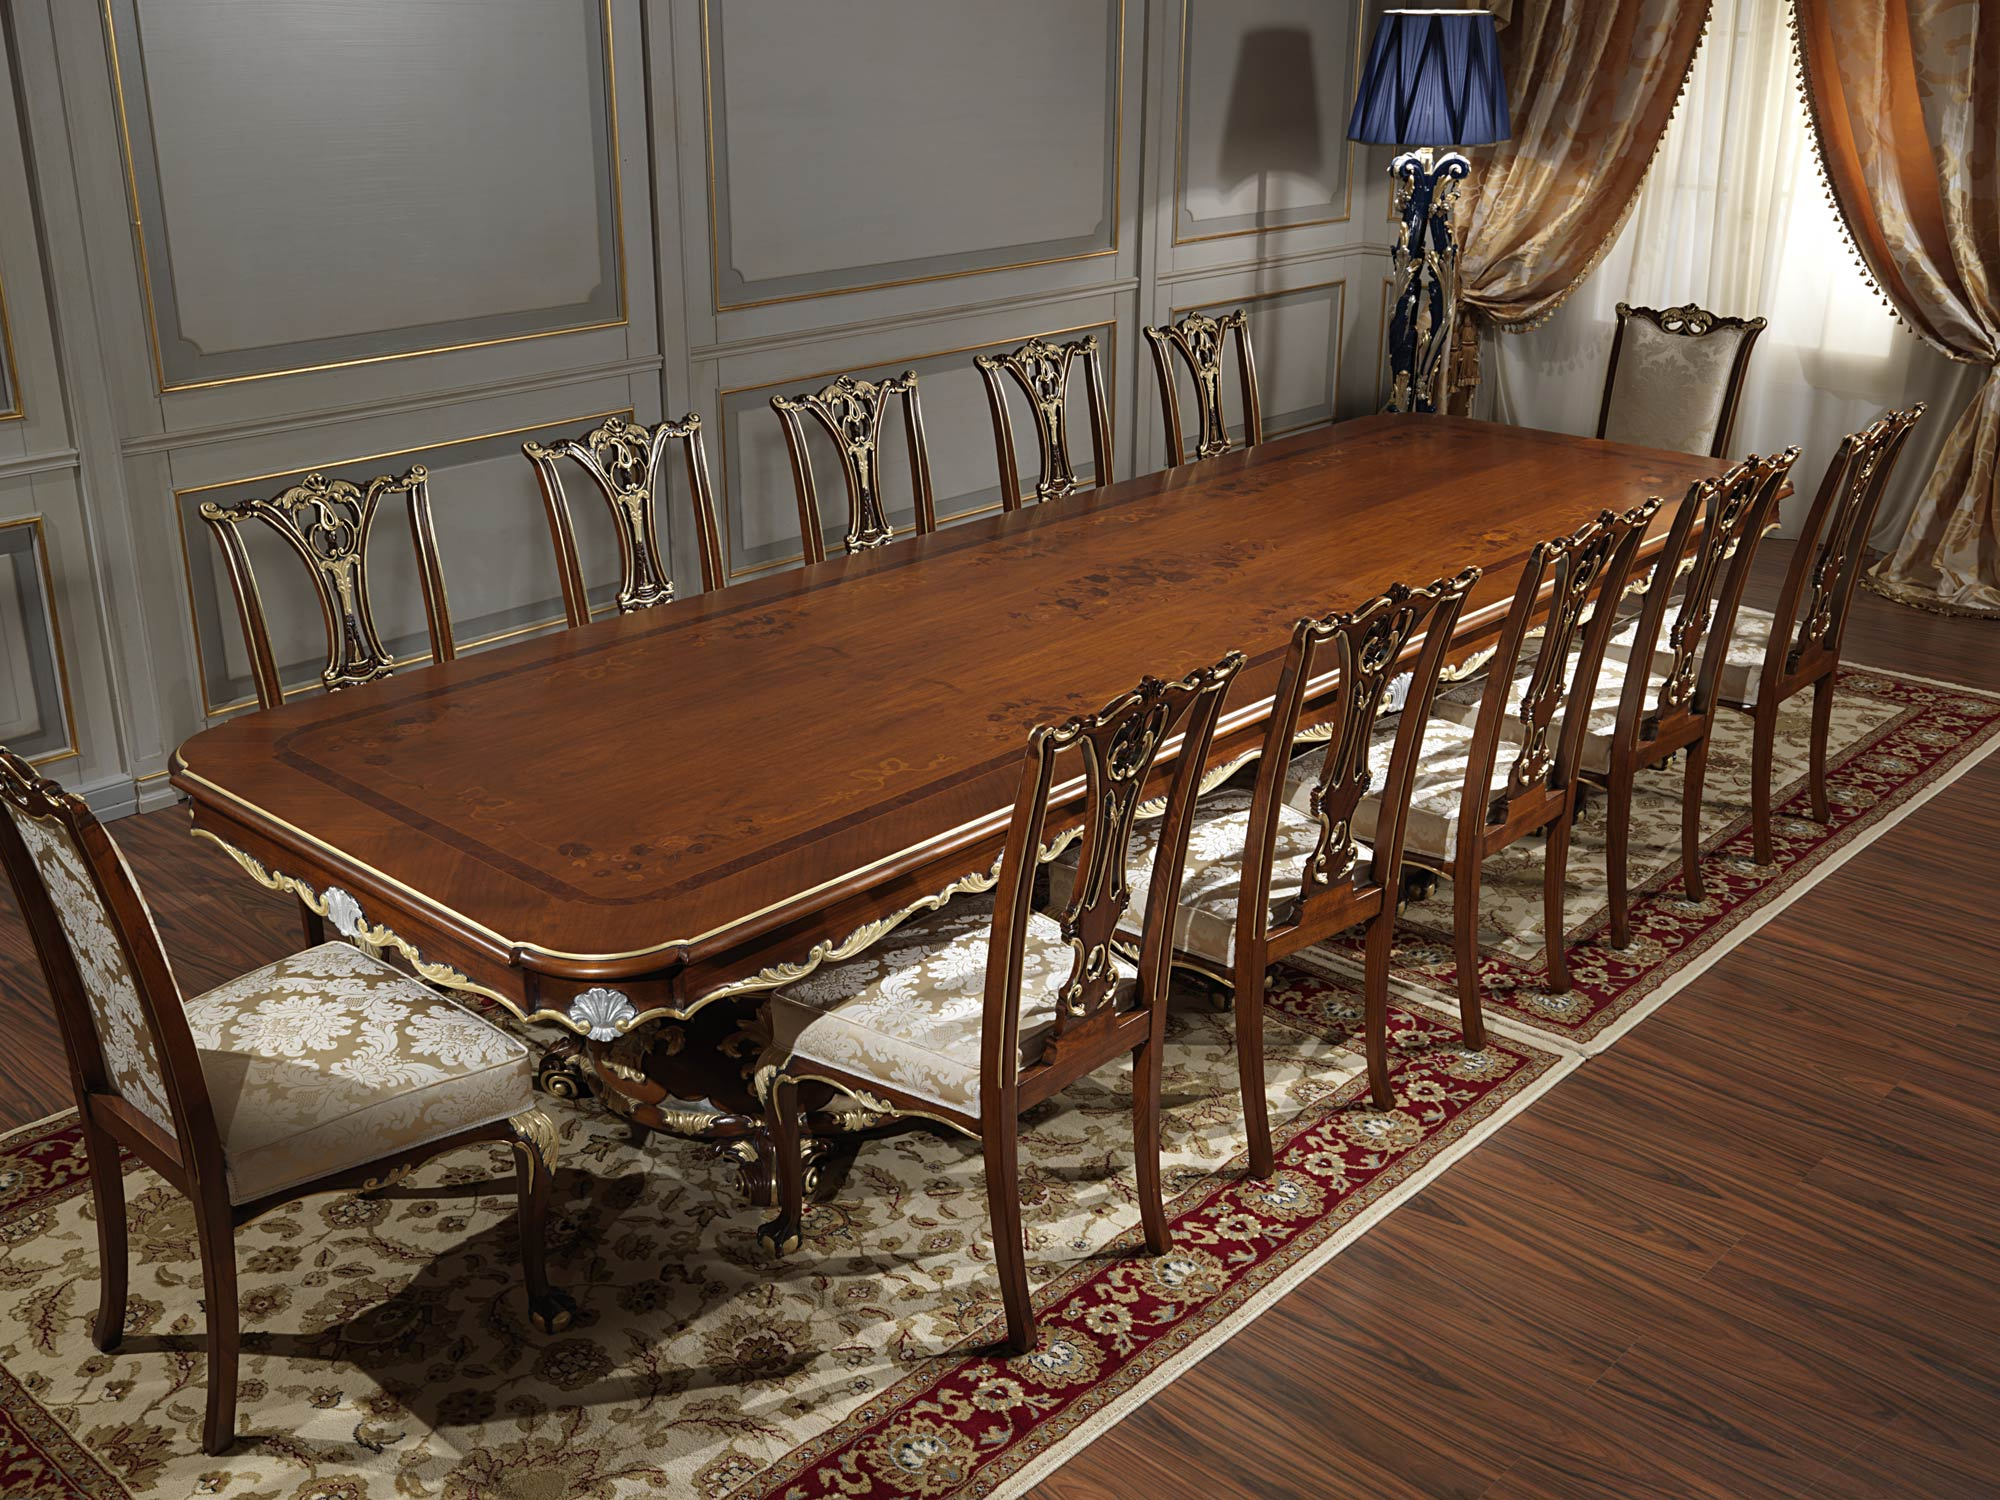 Tavolo classico soggiorno in stile luigi xv vimercati meda - Tavoli da pranzo classici ...